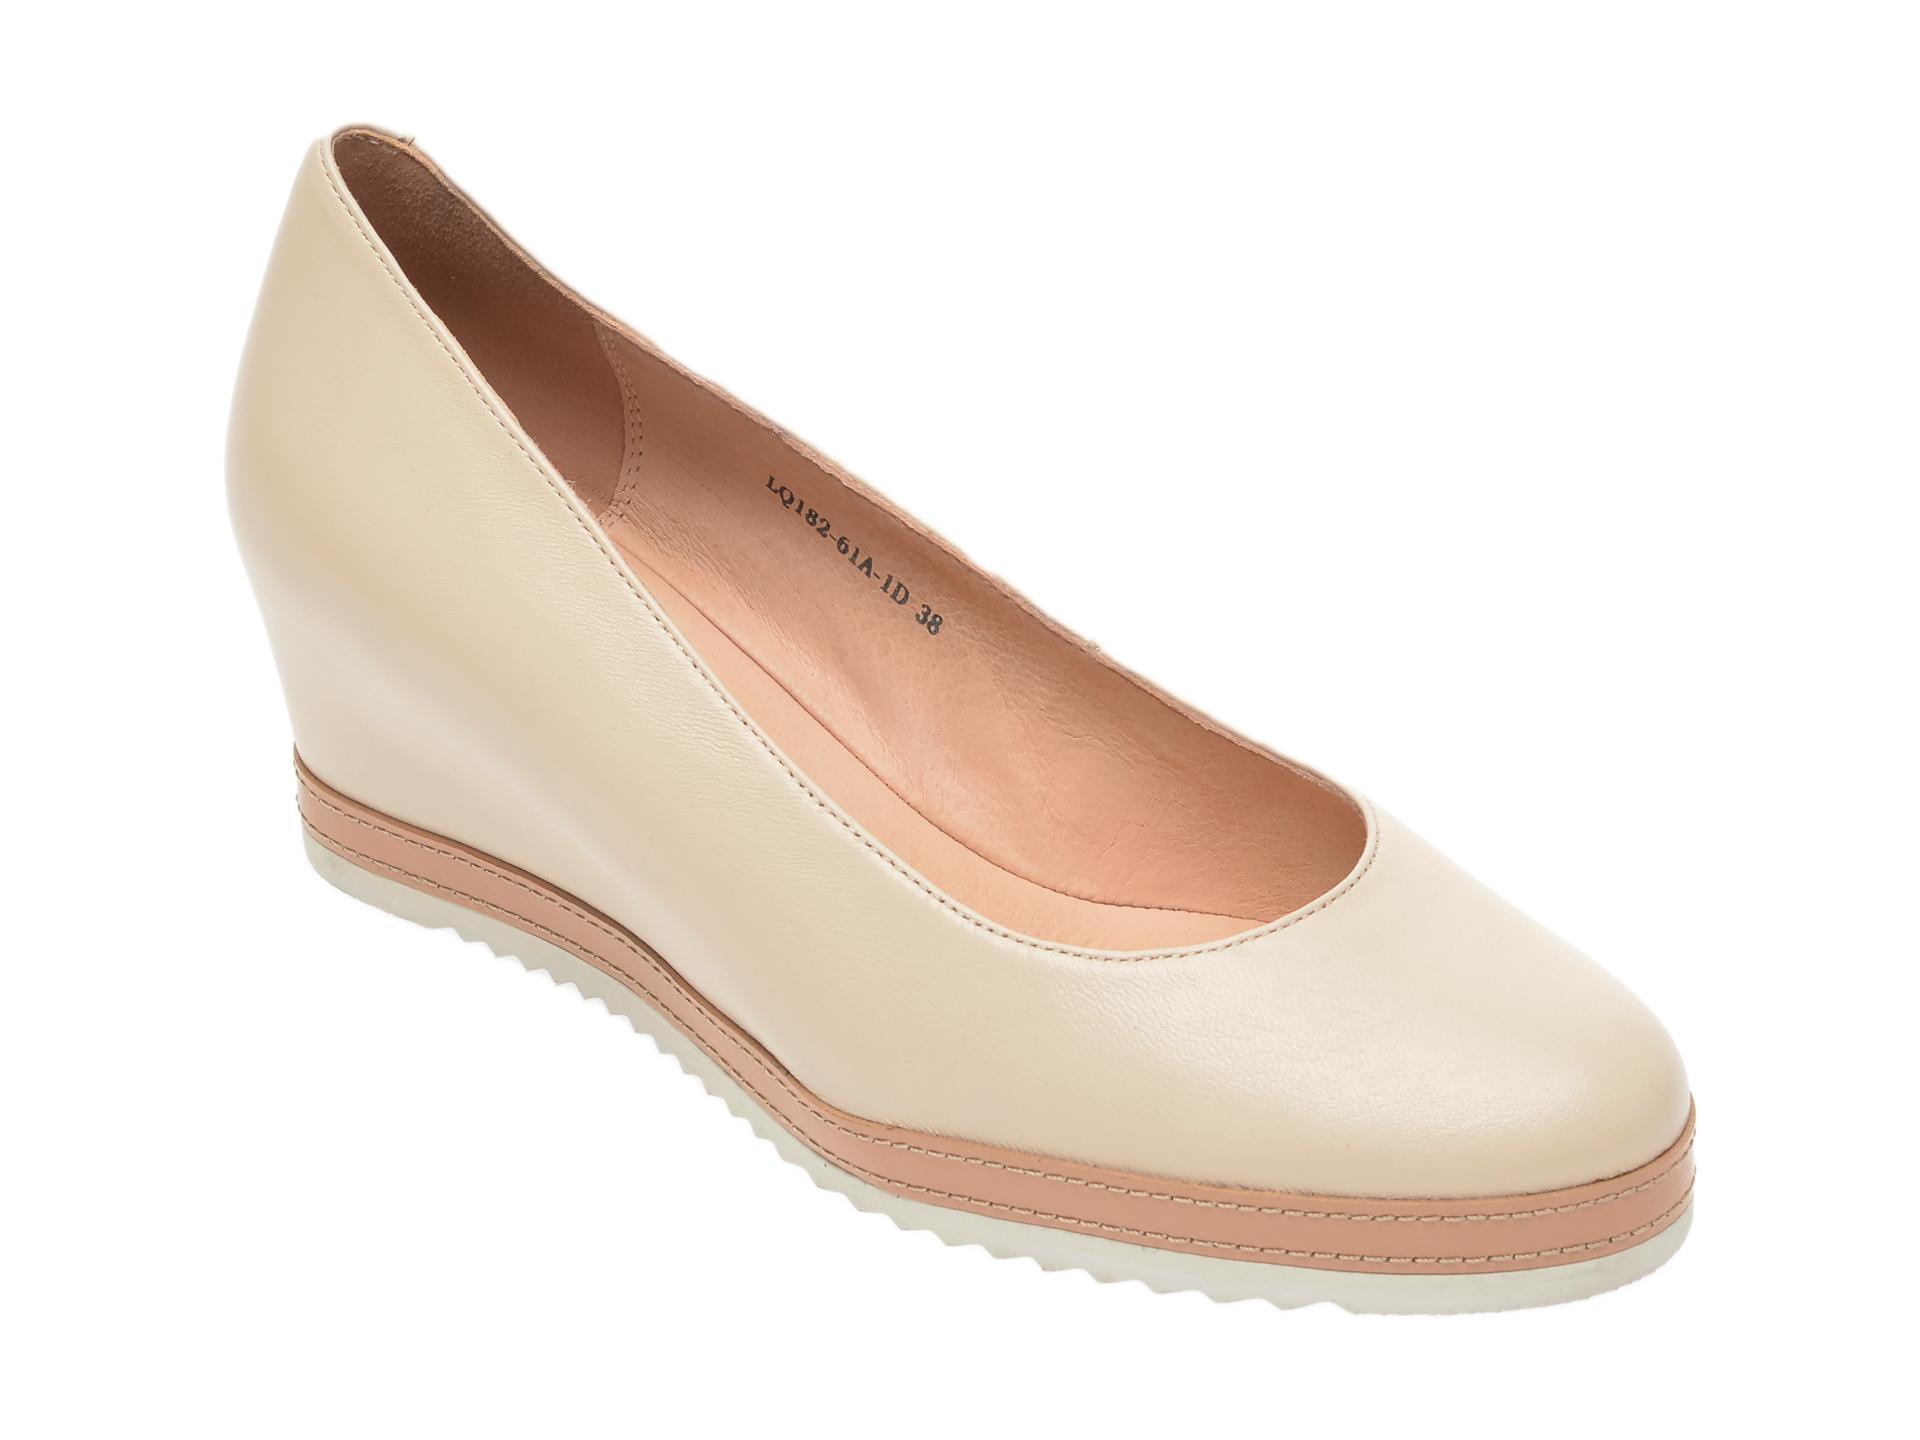 Pantofi FLAVIA PASSINI nude, LQ18261, din piele naturala imagine